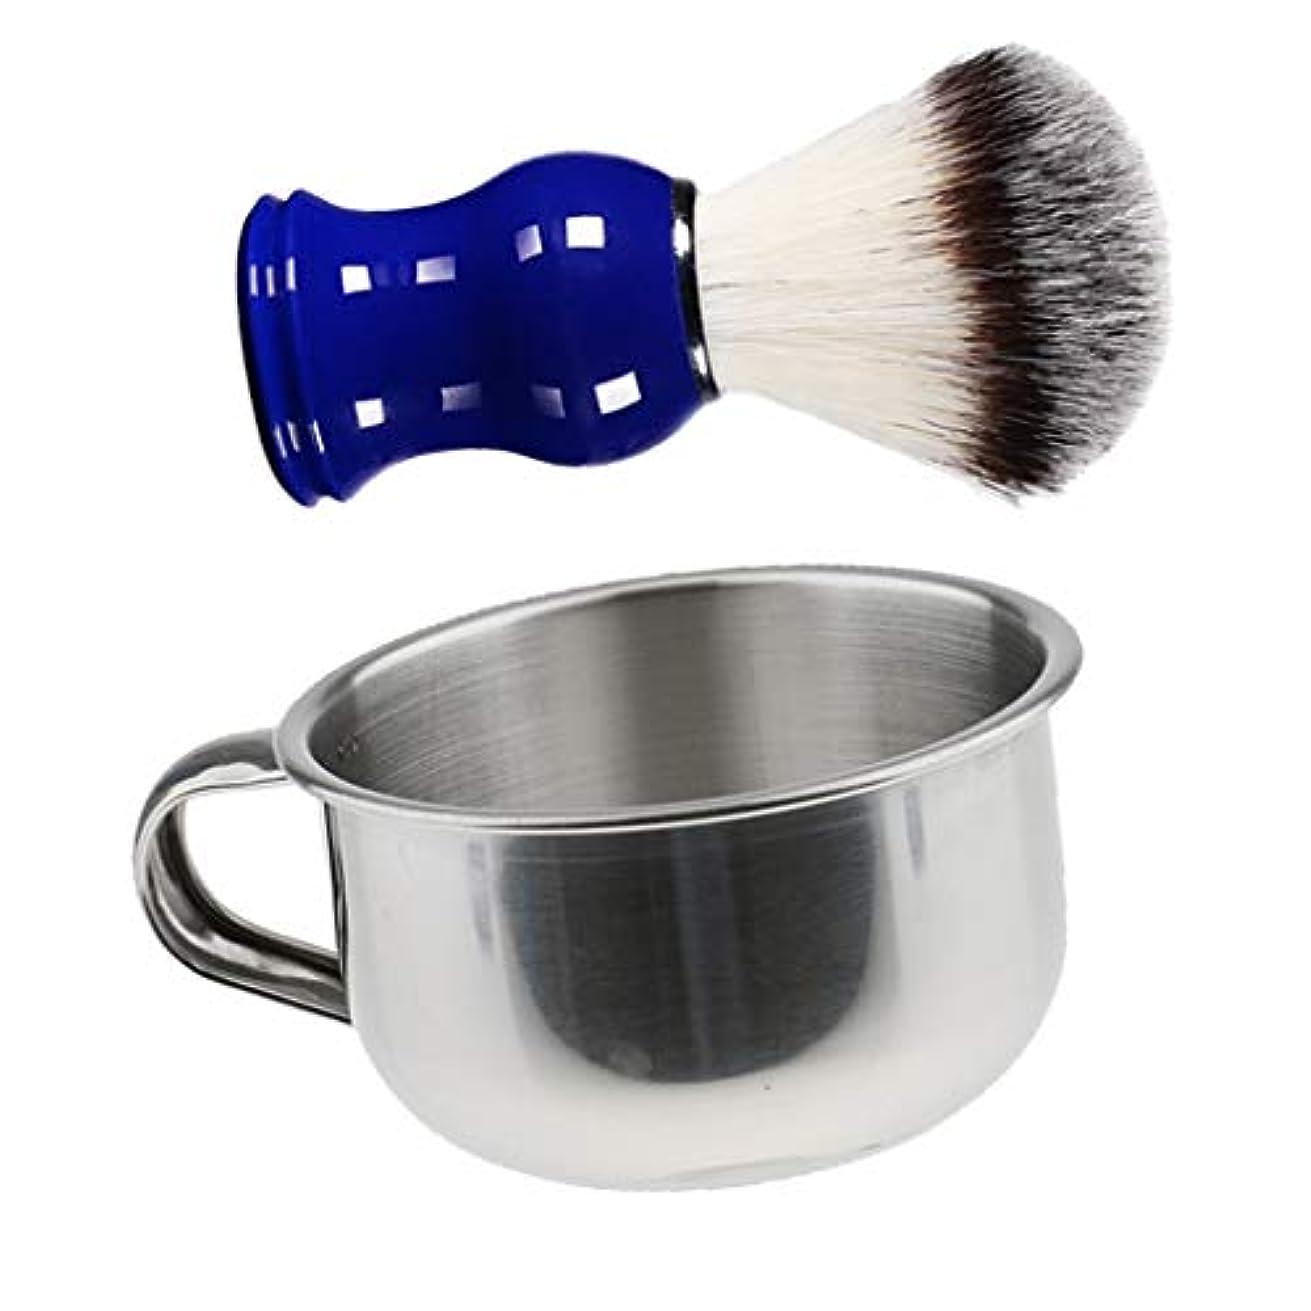 愚か母性はげsharprepublic メンズ シェービング マグ ボウル ステンレス製 シェービング用ブラシ 理容 洗顔 髭剃り 贈り物